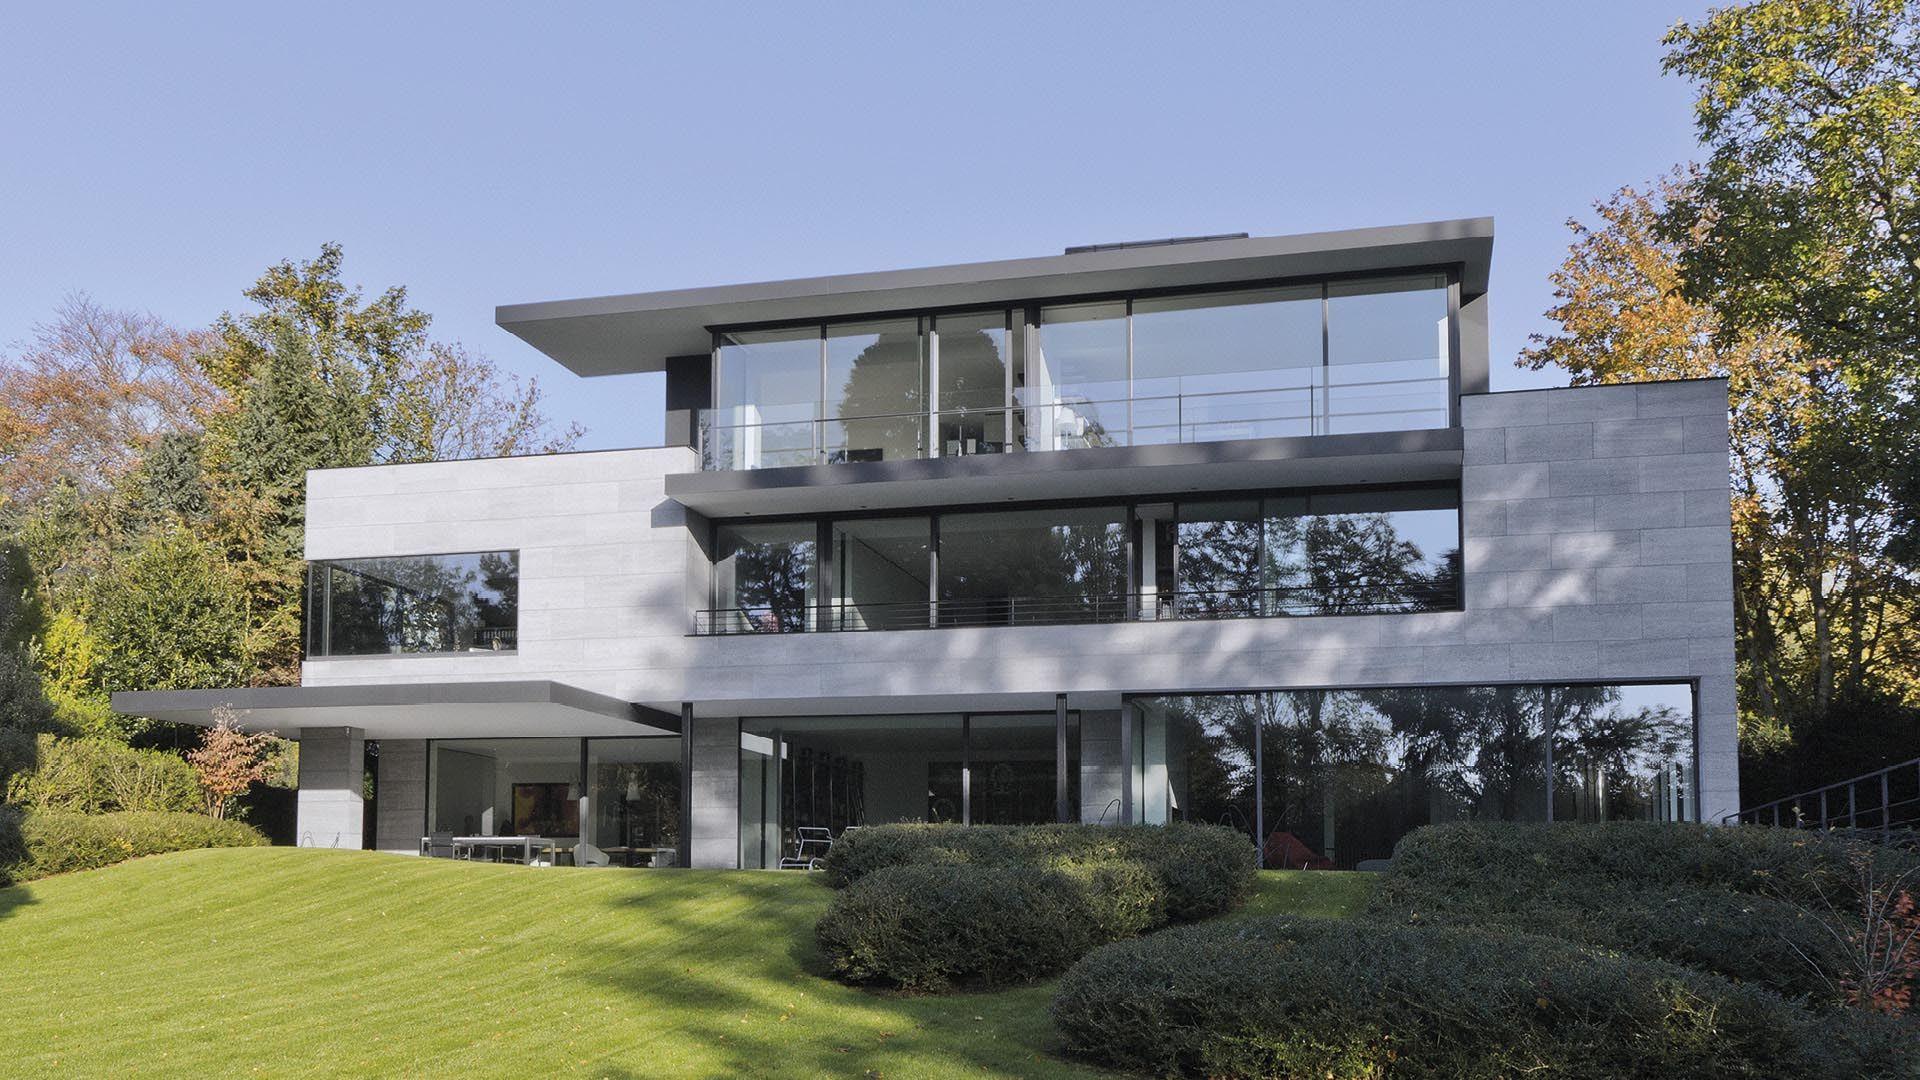 maison 4, uccle | .Architecture 01 | Pinterest | Architecture ...